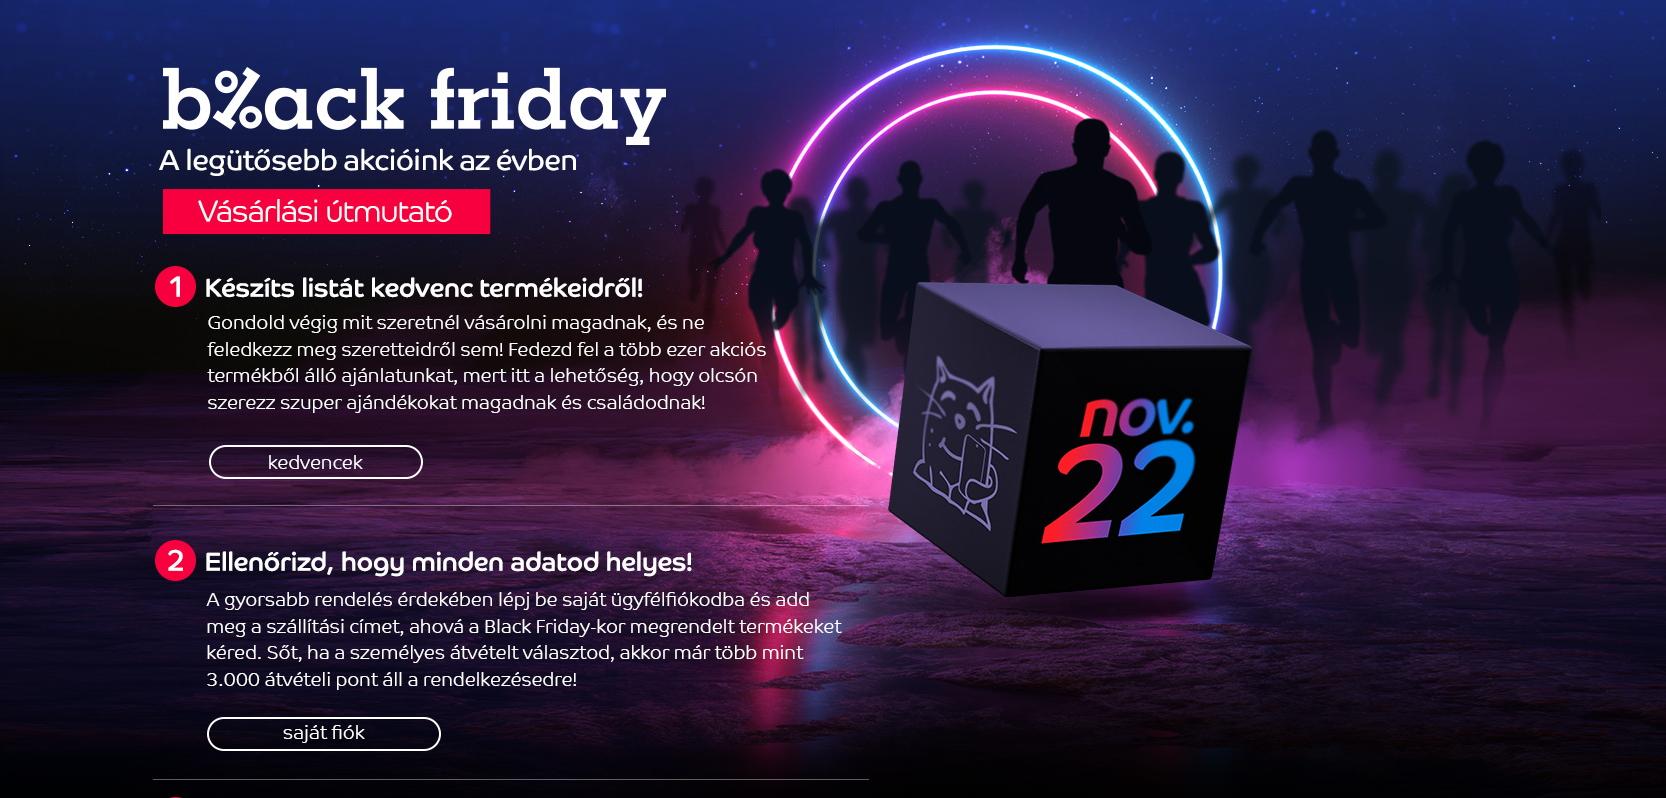 eMAG Black Friday: Nagyon fekete lesz ez a péntek…